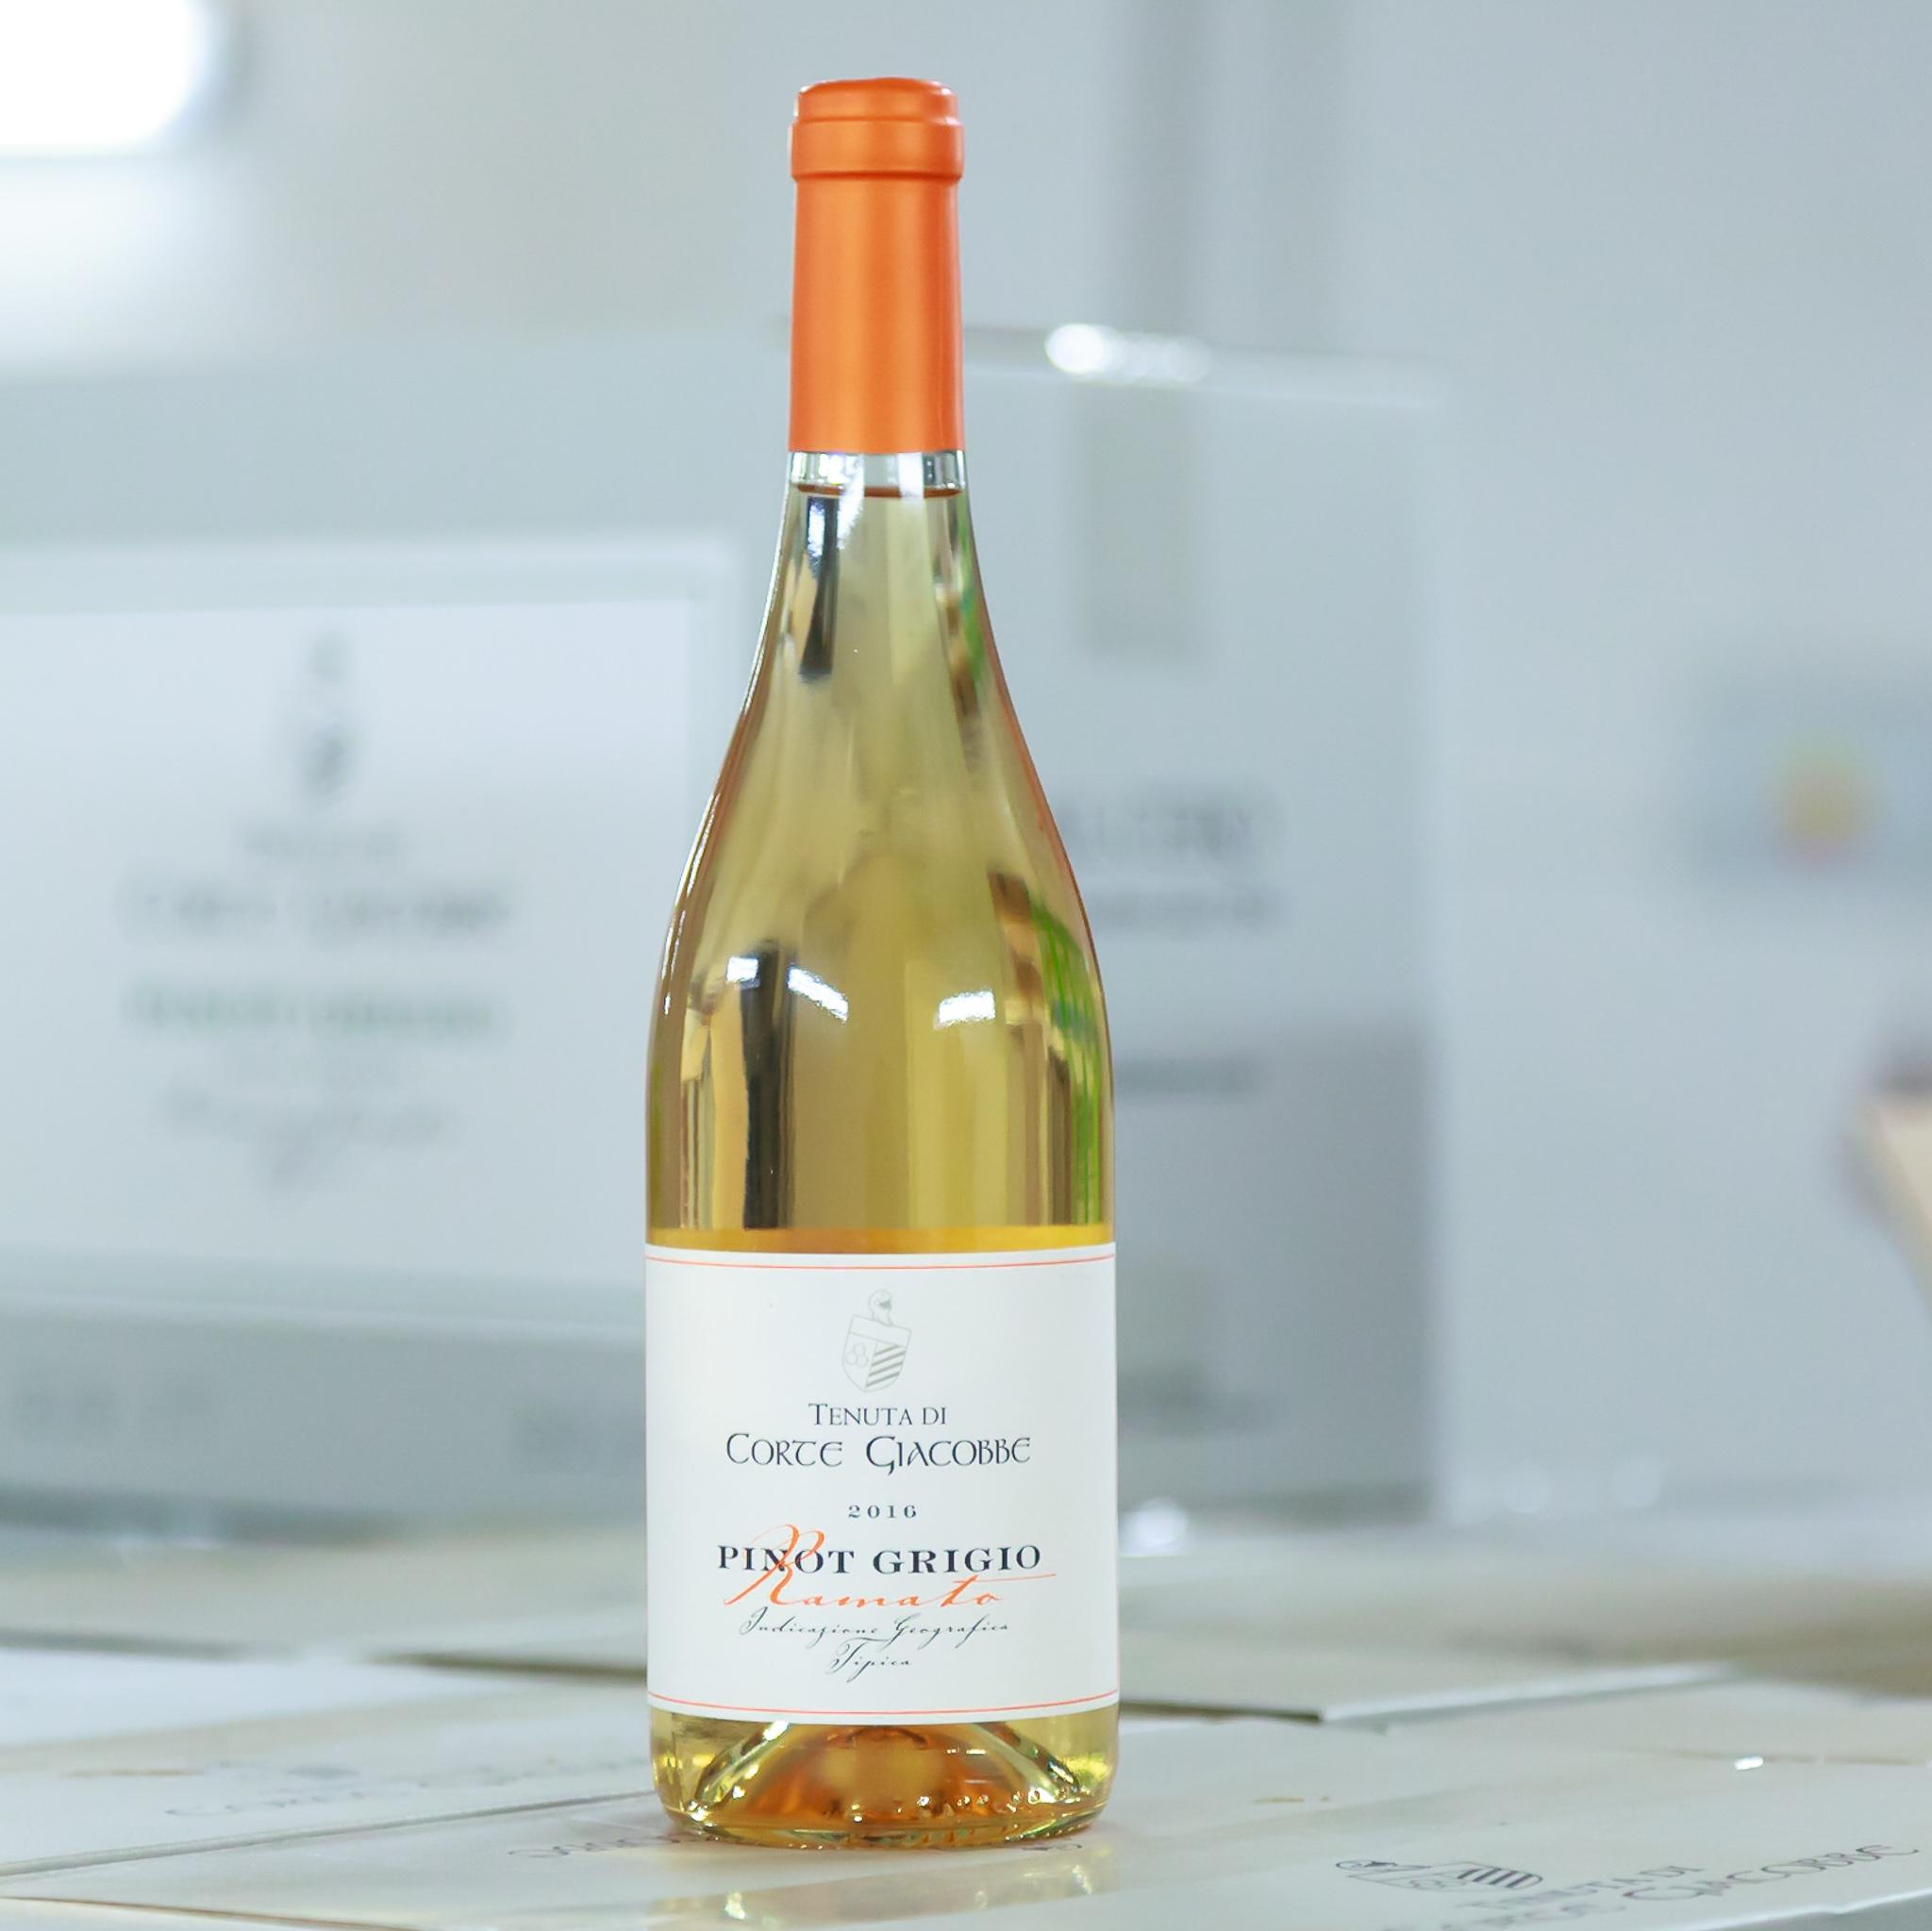 Pinot Grigio Ramato - Osvěžující netradiční Pinot Grigio, které díky dvanáctihodinové maceraci vína na slupkách získalo lehce oranžovou barvu. Vyniká bohatým aroma s tóny exotického ovoce.